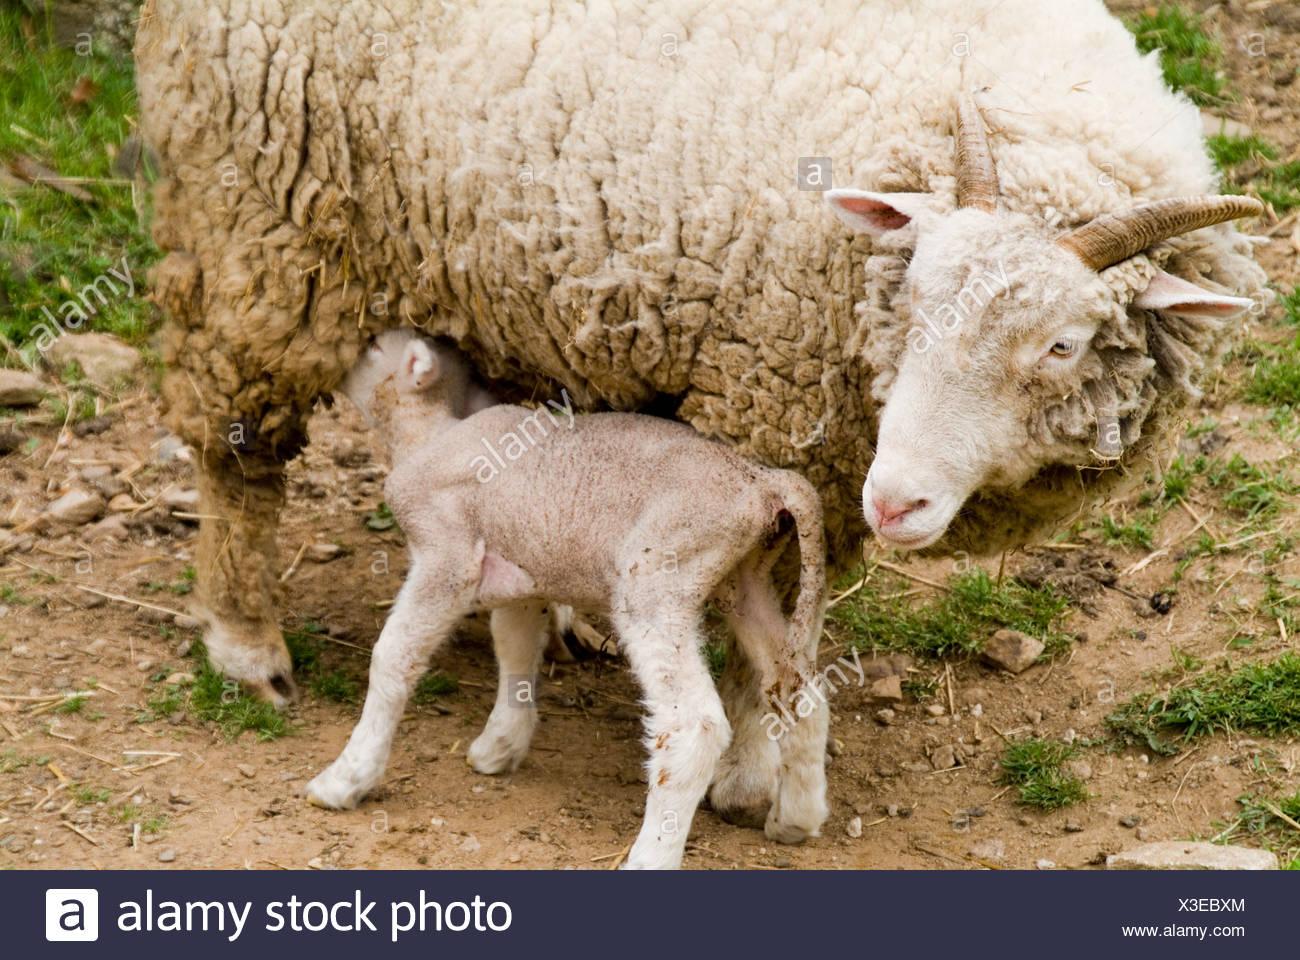 les animaux de ferme nouvelle agneau n b b mouton avec m re banque d 39 images photo stock. Black Bedroom Furniture Sets. Home Design Ideas